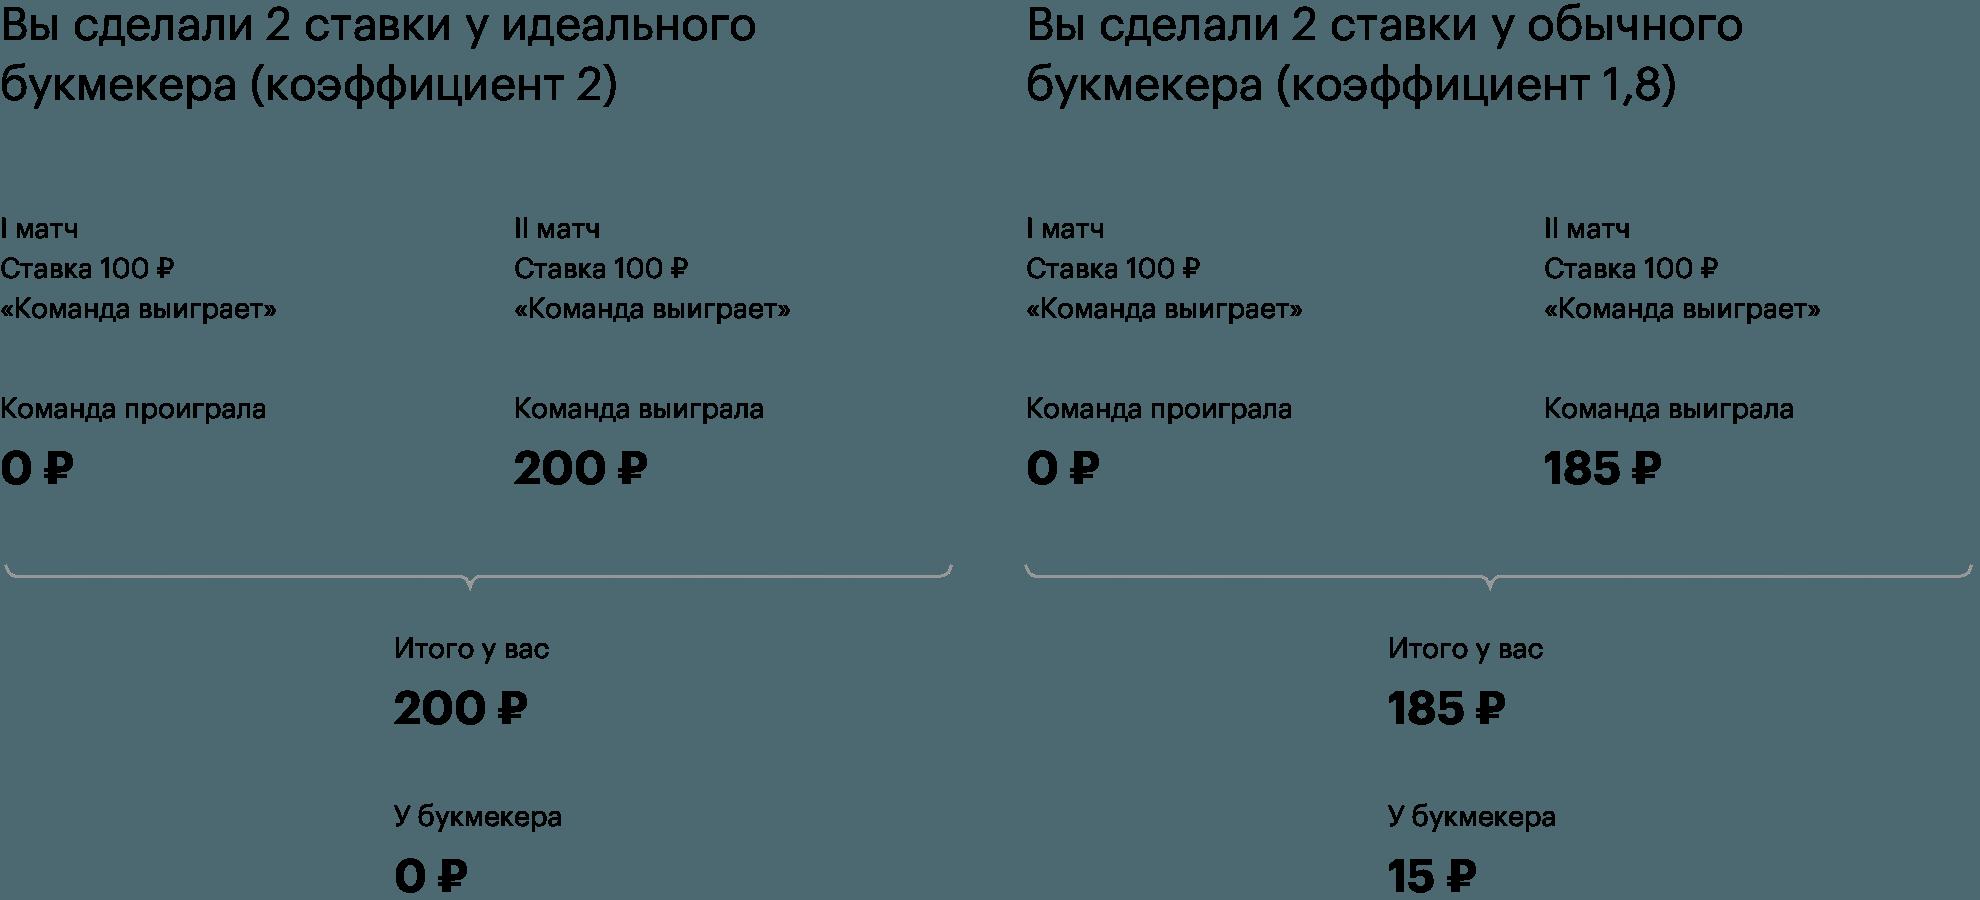 Англия россия букмекерские ставки как делать ставки в букмекерских конторах в живую